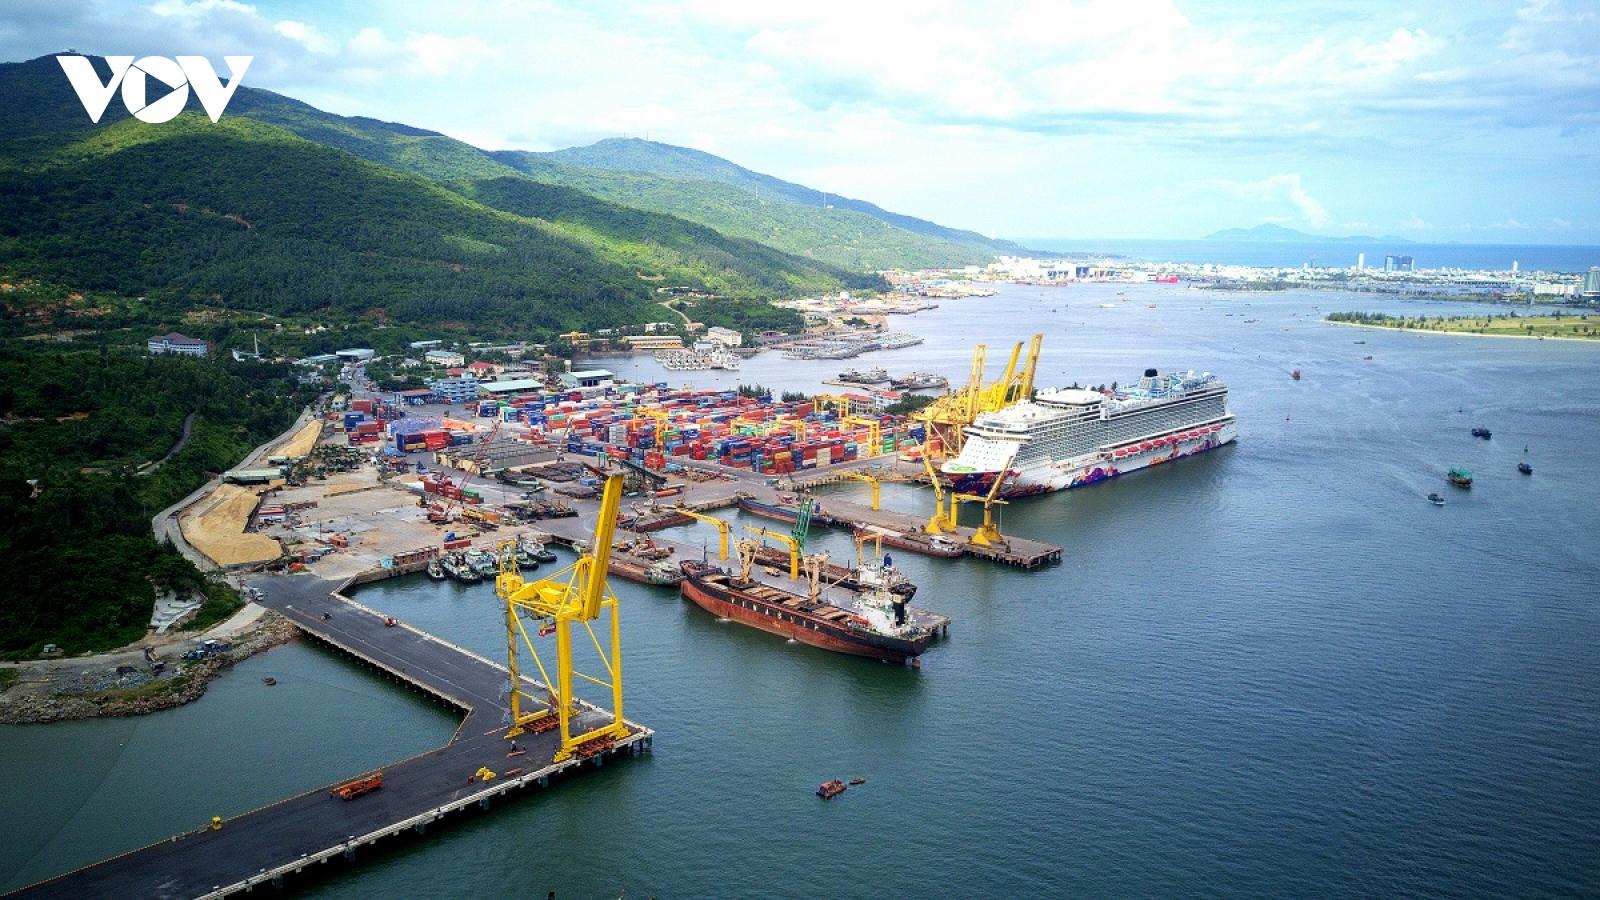 Cảng Đà Nẵng đón 3 chuyến tàu đầu tiên trong ngày mùng 1 Tết